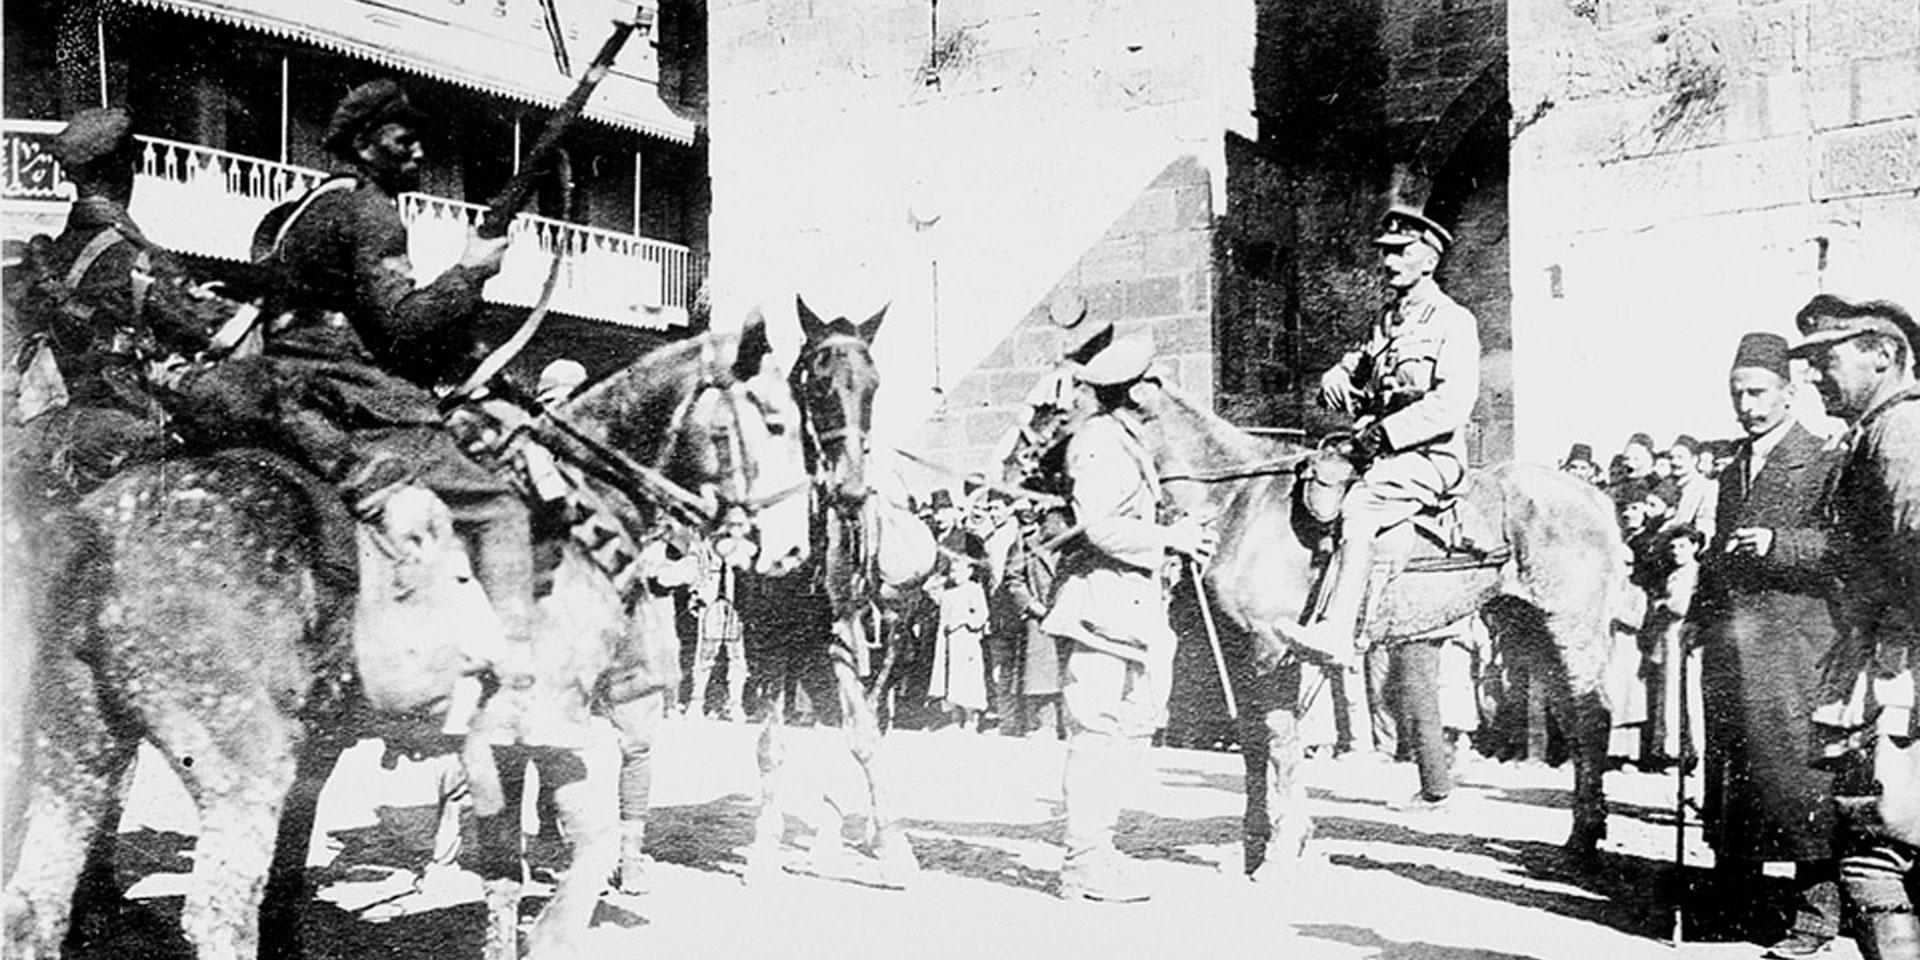 British troops enter Jerusalem, December 1917